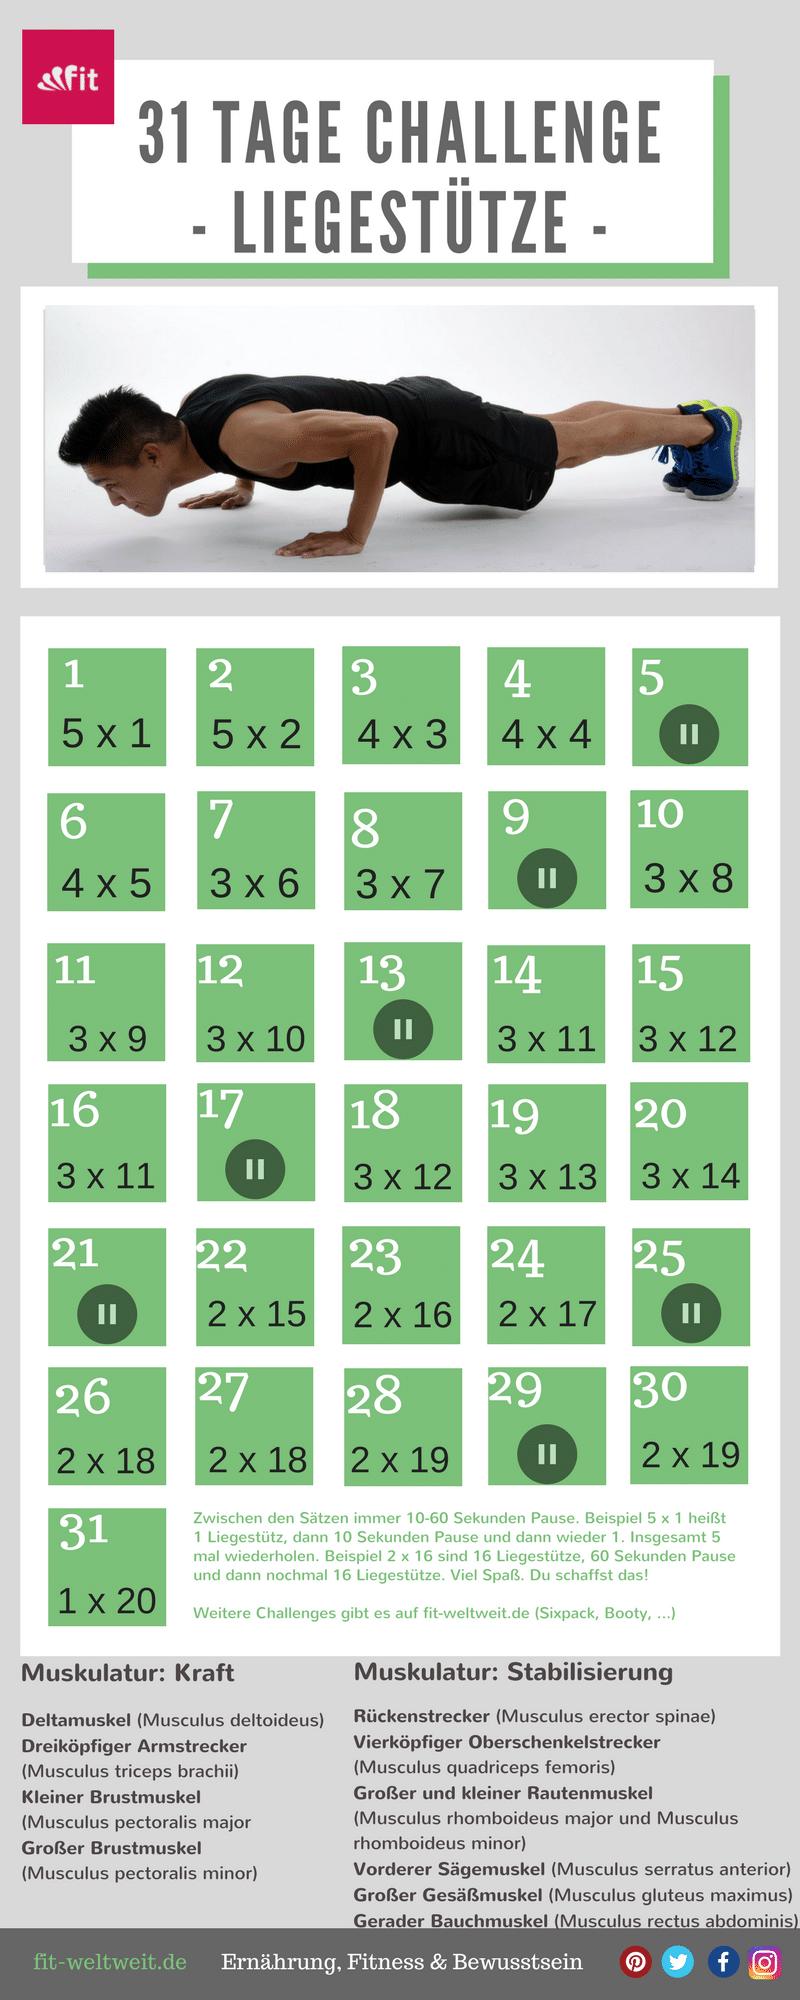 31 Tage Liegestütz Challenge für Männer. Muskulatur Kraft beimLiegestütz:Deltamuskel,Dreiköpfiger Armstrecker,Kleiner + großer Brustmuskel,Stabilisierung:Rückenstrecker, Vierköpfiger Oberschenkelstrecker, Großer + kleiner Rautenmuskel,Vorderer Sägemuskel,Großer Gesäßmuskel,Gerader Bauchmuskel. Auf dem Blog habe ich euch weitere Challenges verlinkt:30 Tage Ab Challenge für dein Sixpack,22 Tage Zucker Detox Challenge,12 Tipps zum Muskeln aufbauenuvm